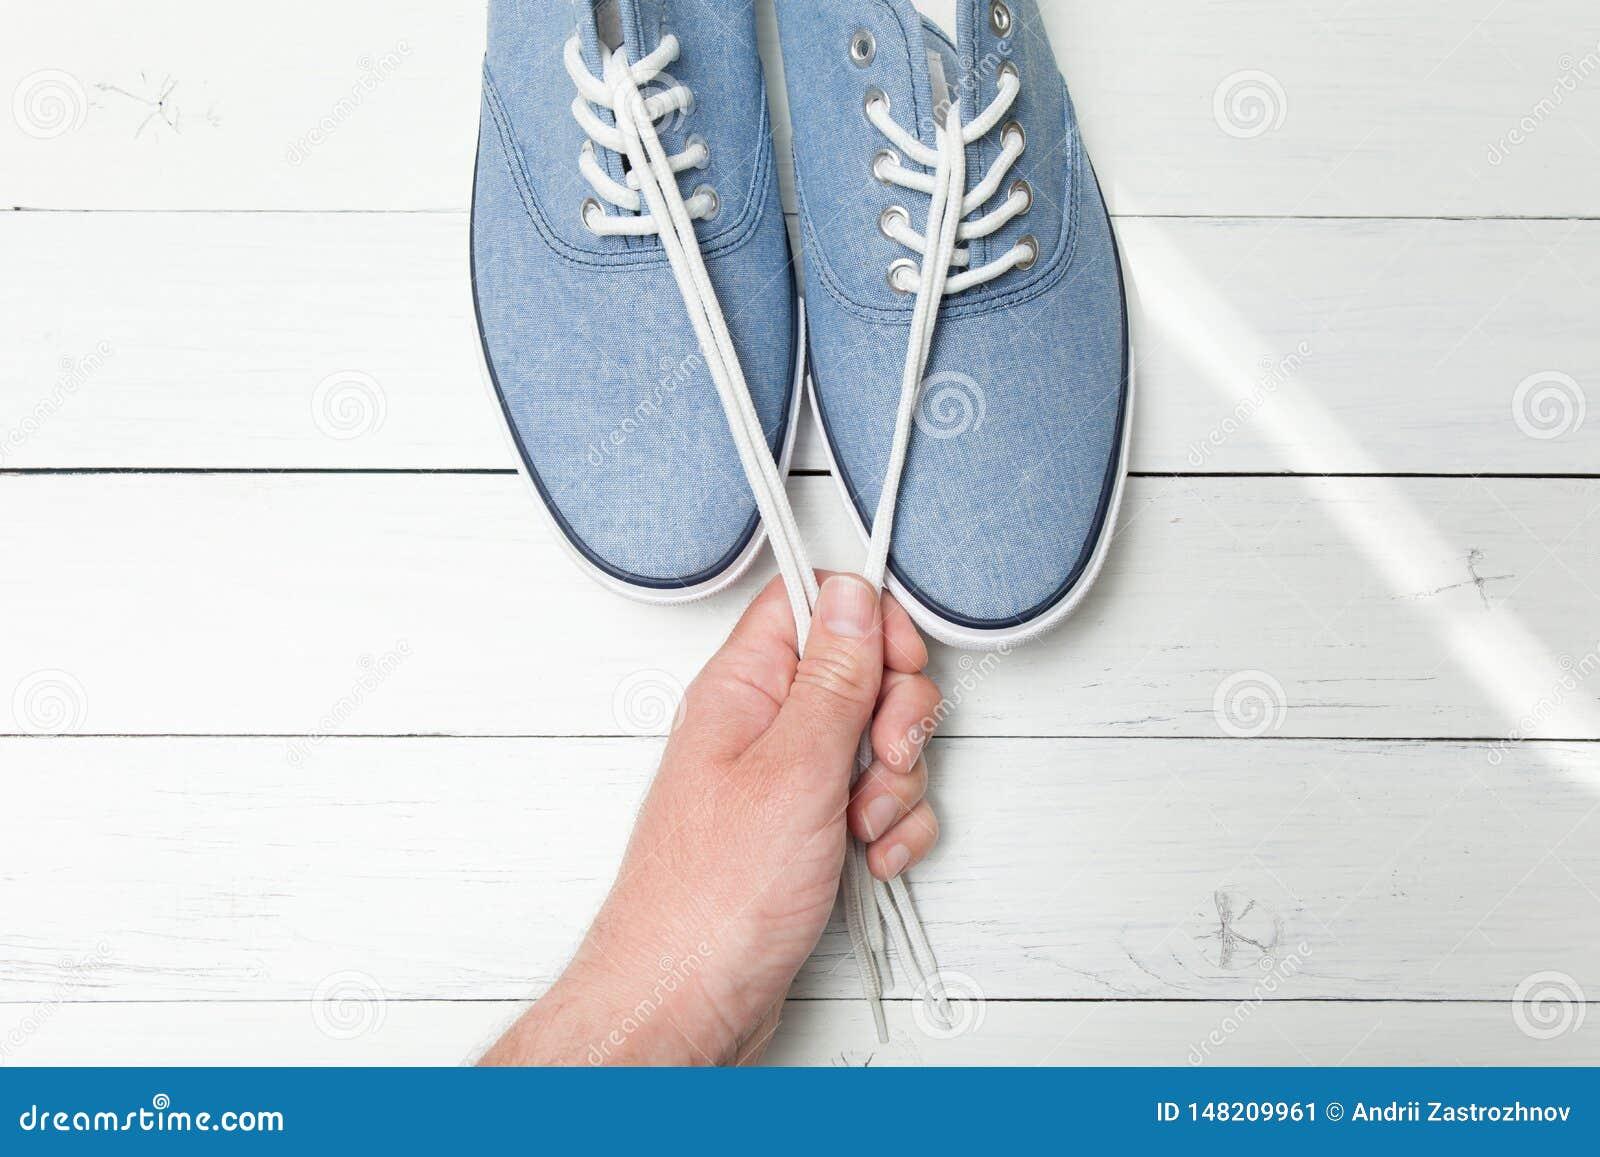 Zapatos de moda en un fondo de madera ligero, cordones blancos en una mano